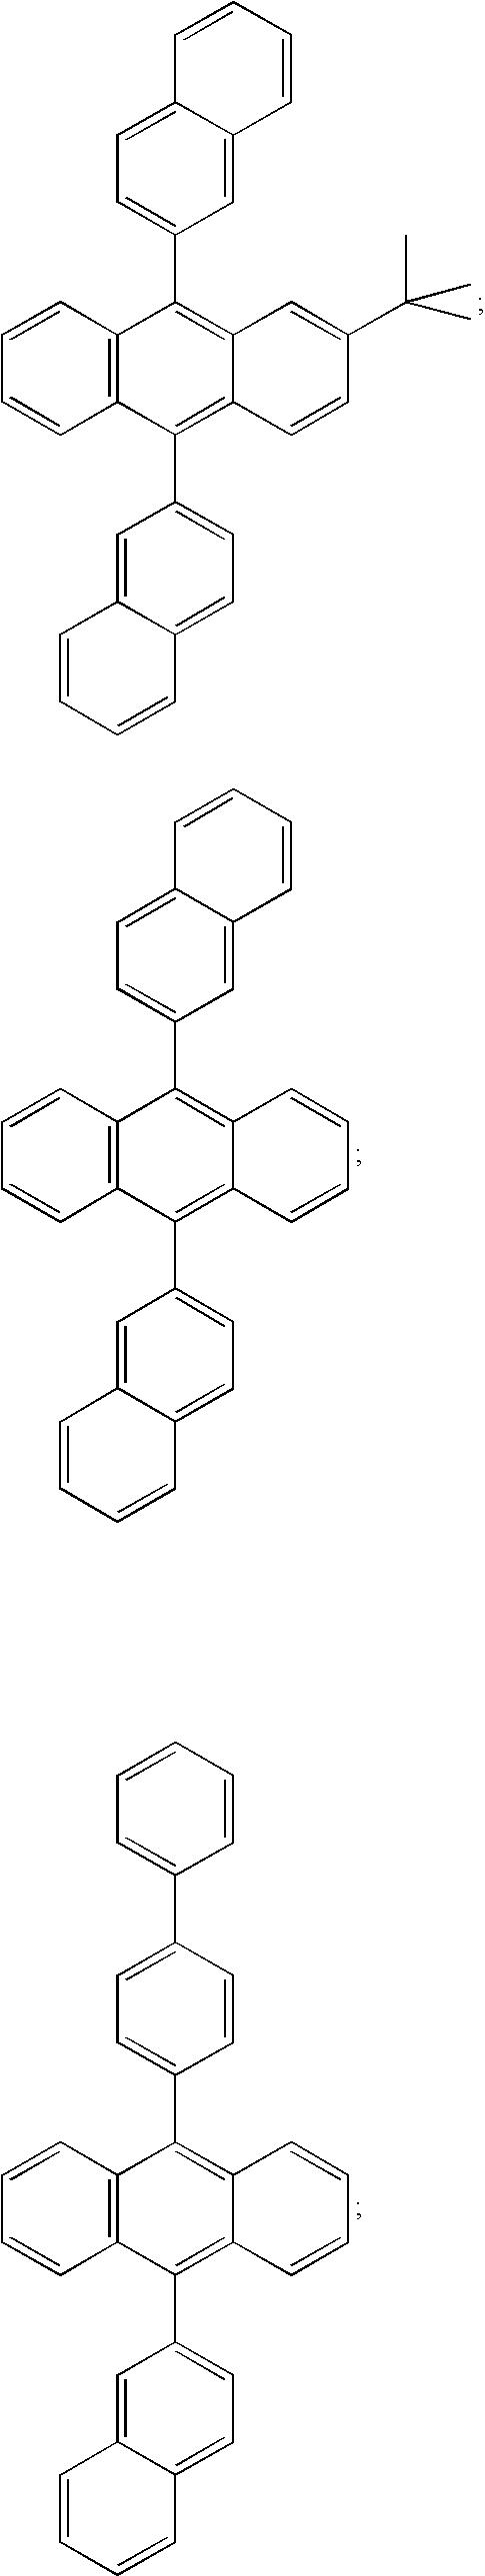 Figure US07023013-20060404-C00057